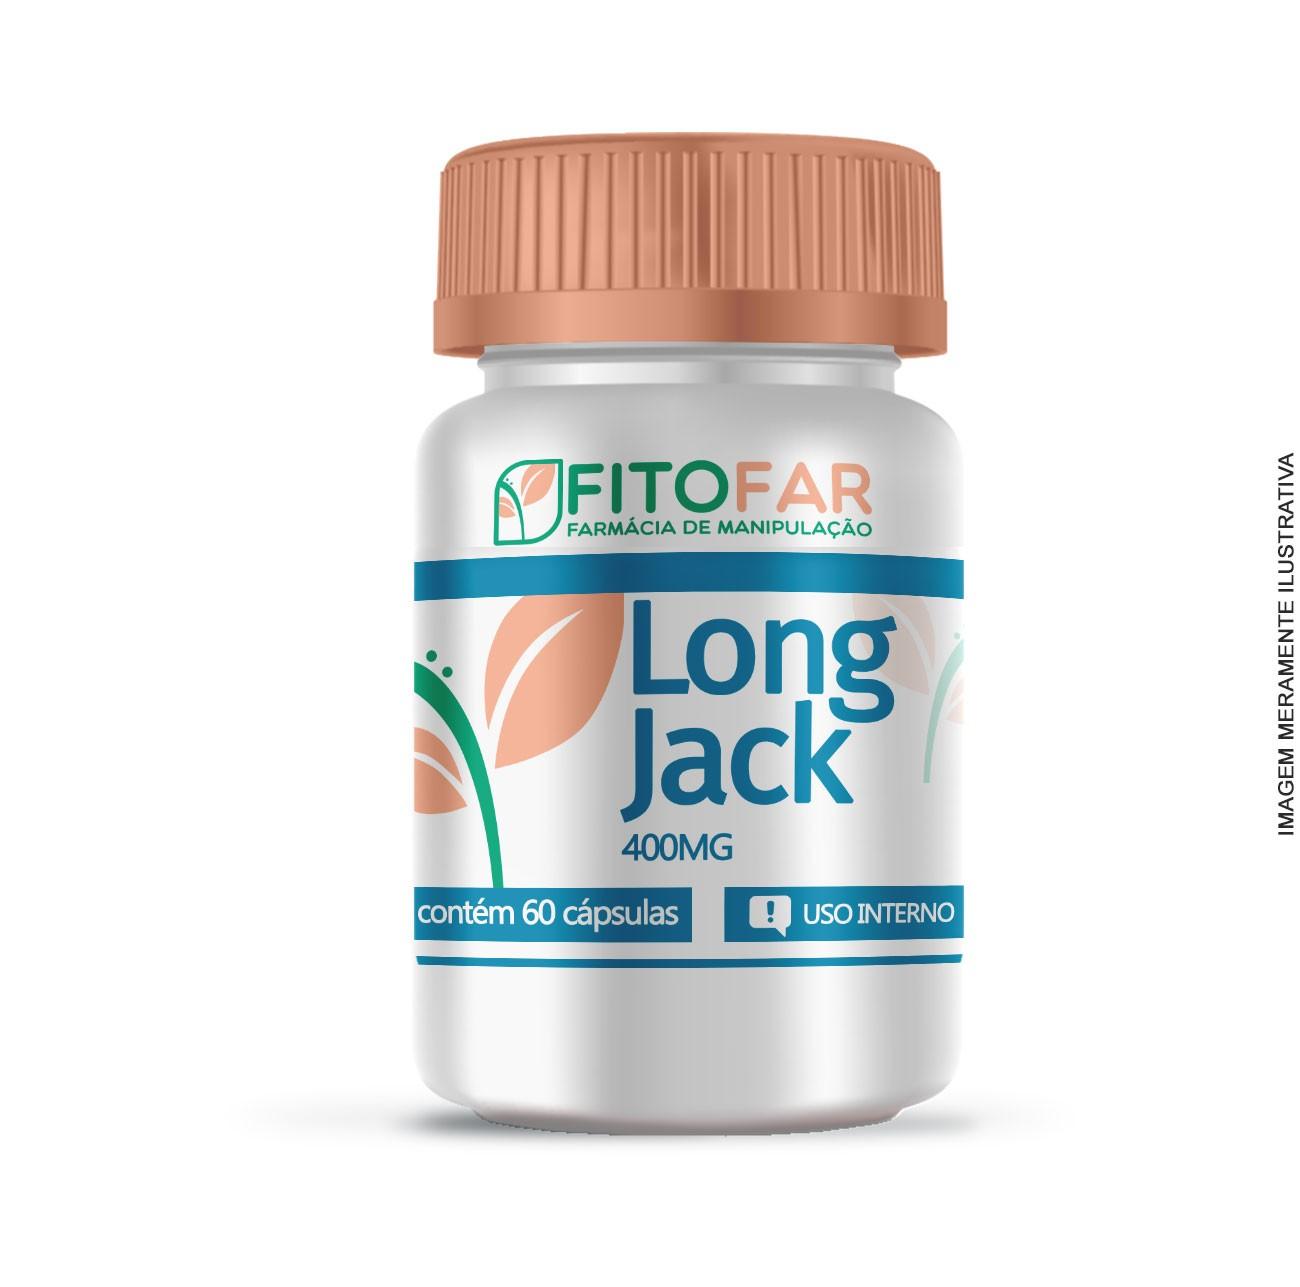 LONG JACK 400MG - 60 CÁPSULAS